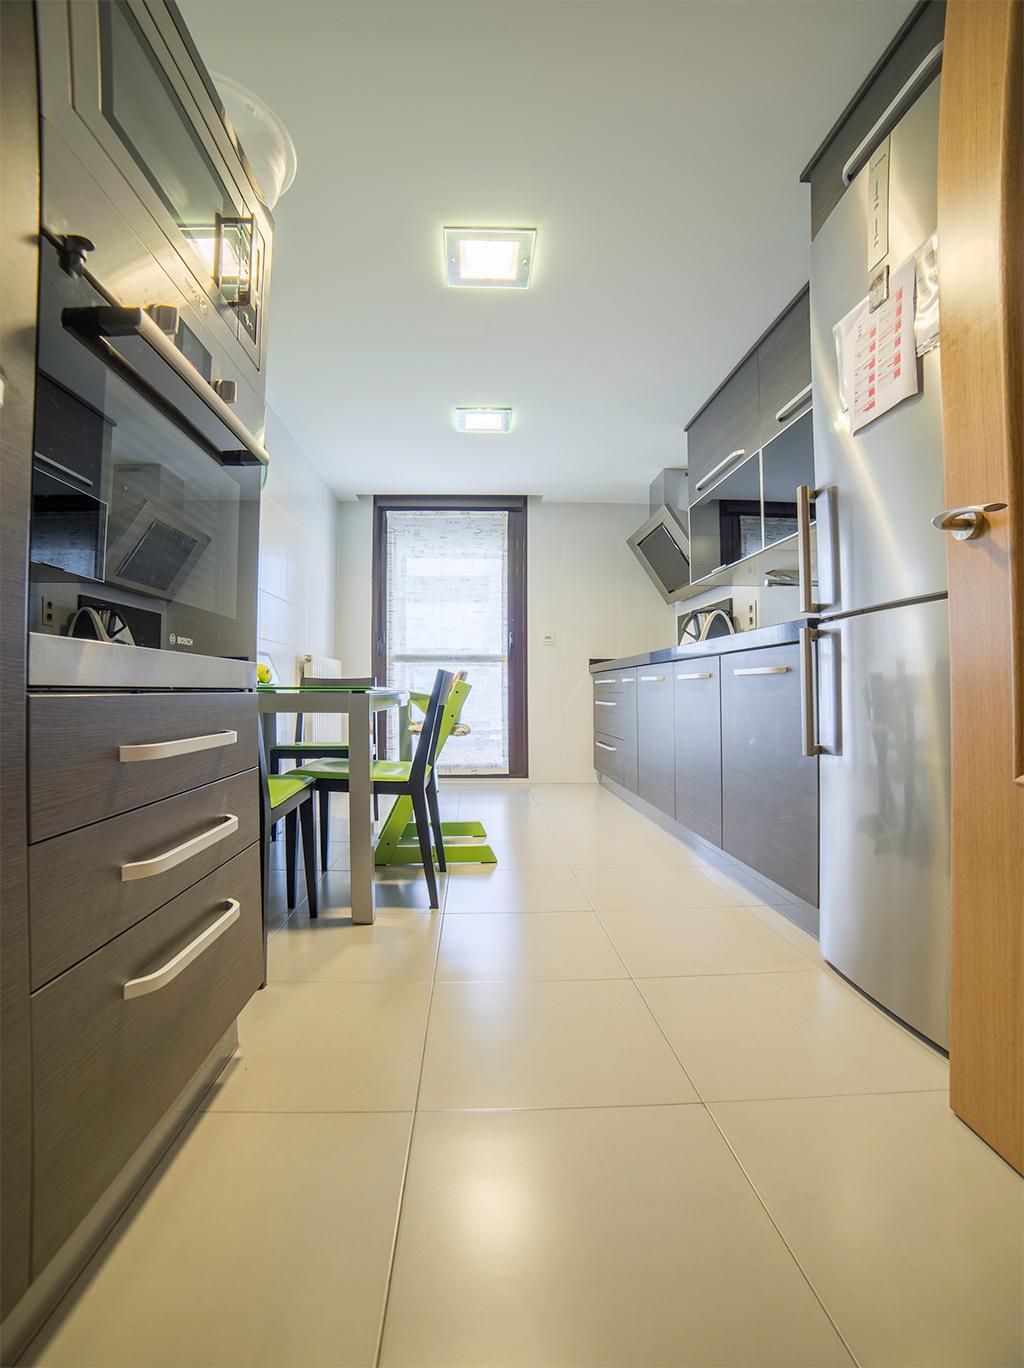 Beautiful Muebles De Cocina Pamplona Ideas - Casas: Ideas & diseños ...